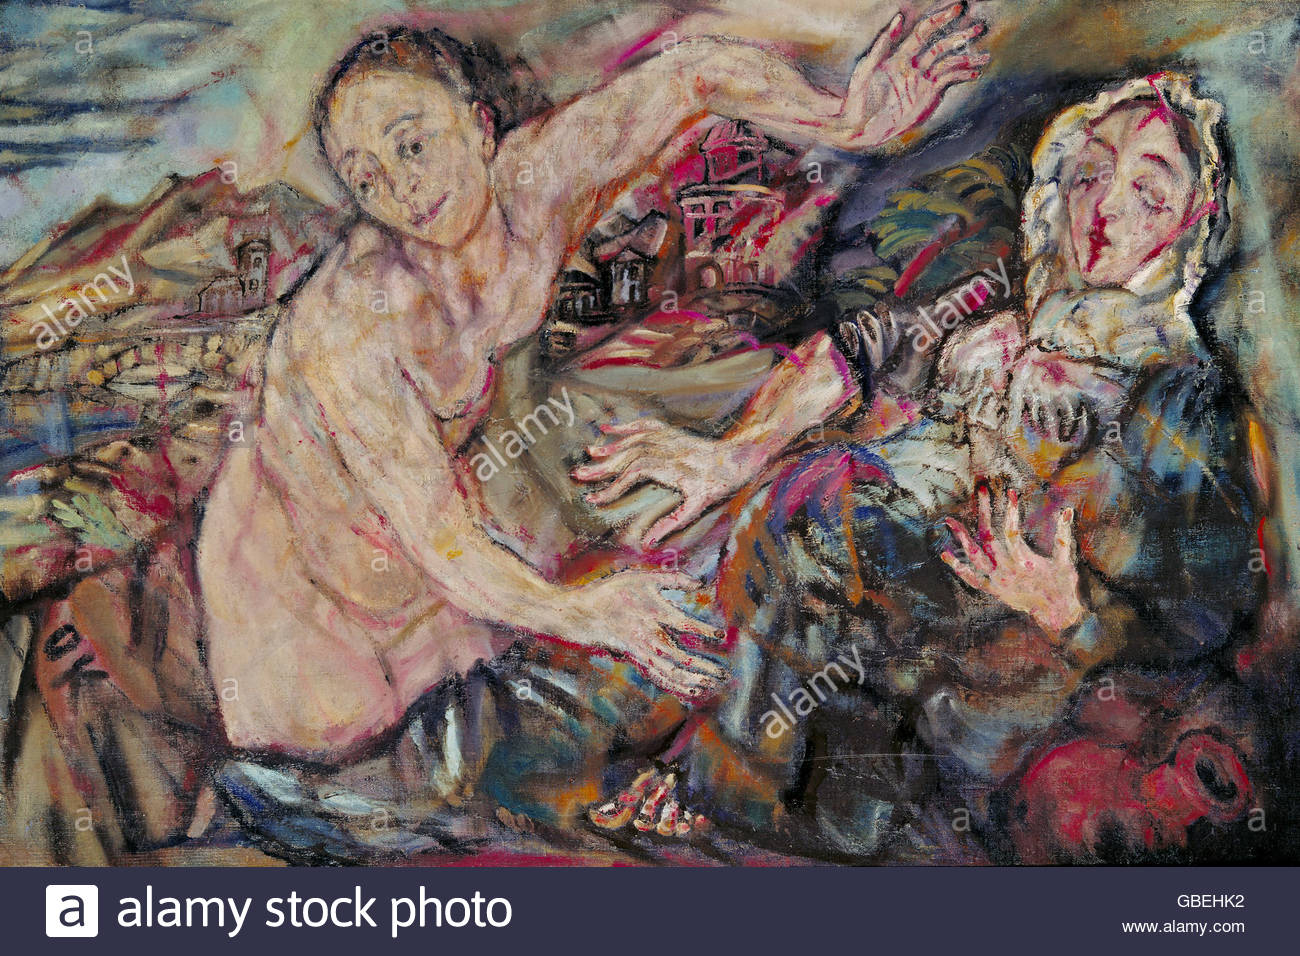 Fine Arts Kokoschka Oskar 1886 1980 Painting